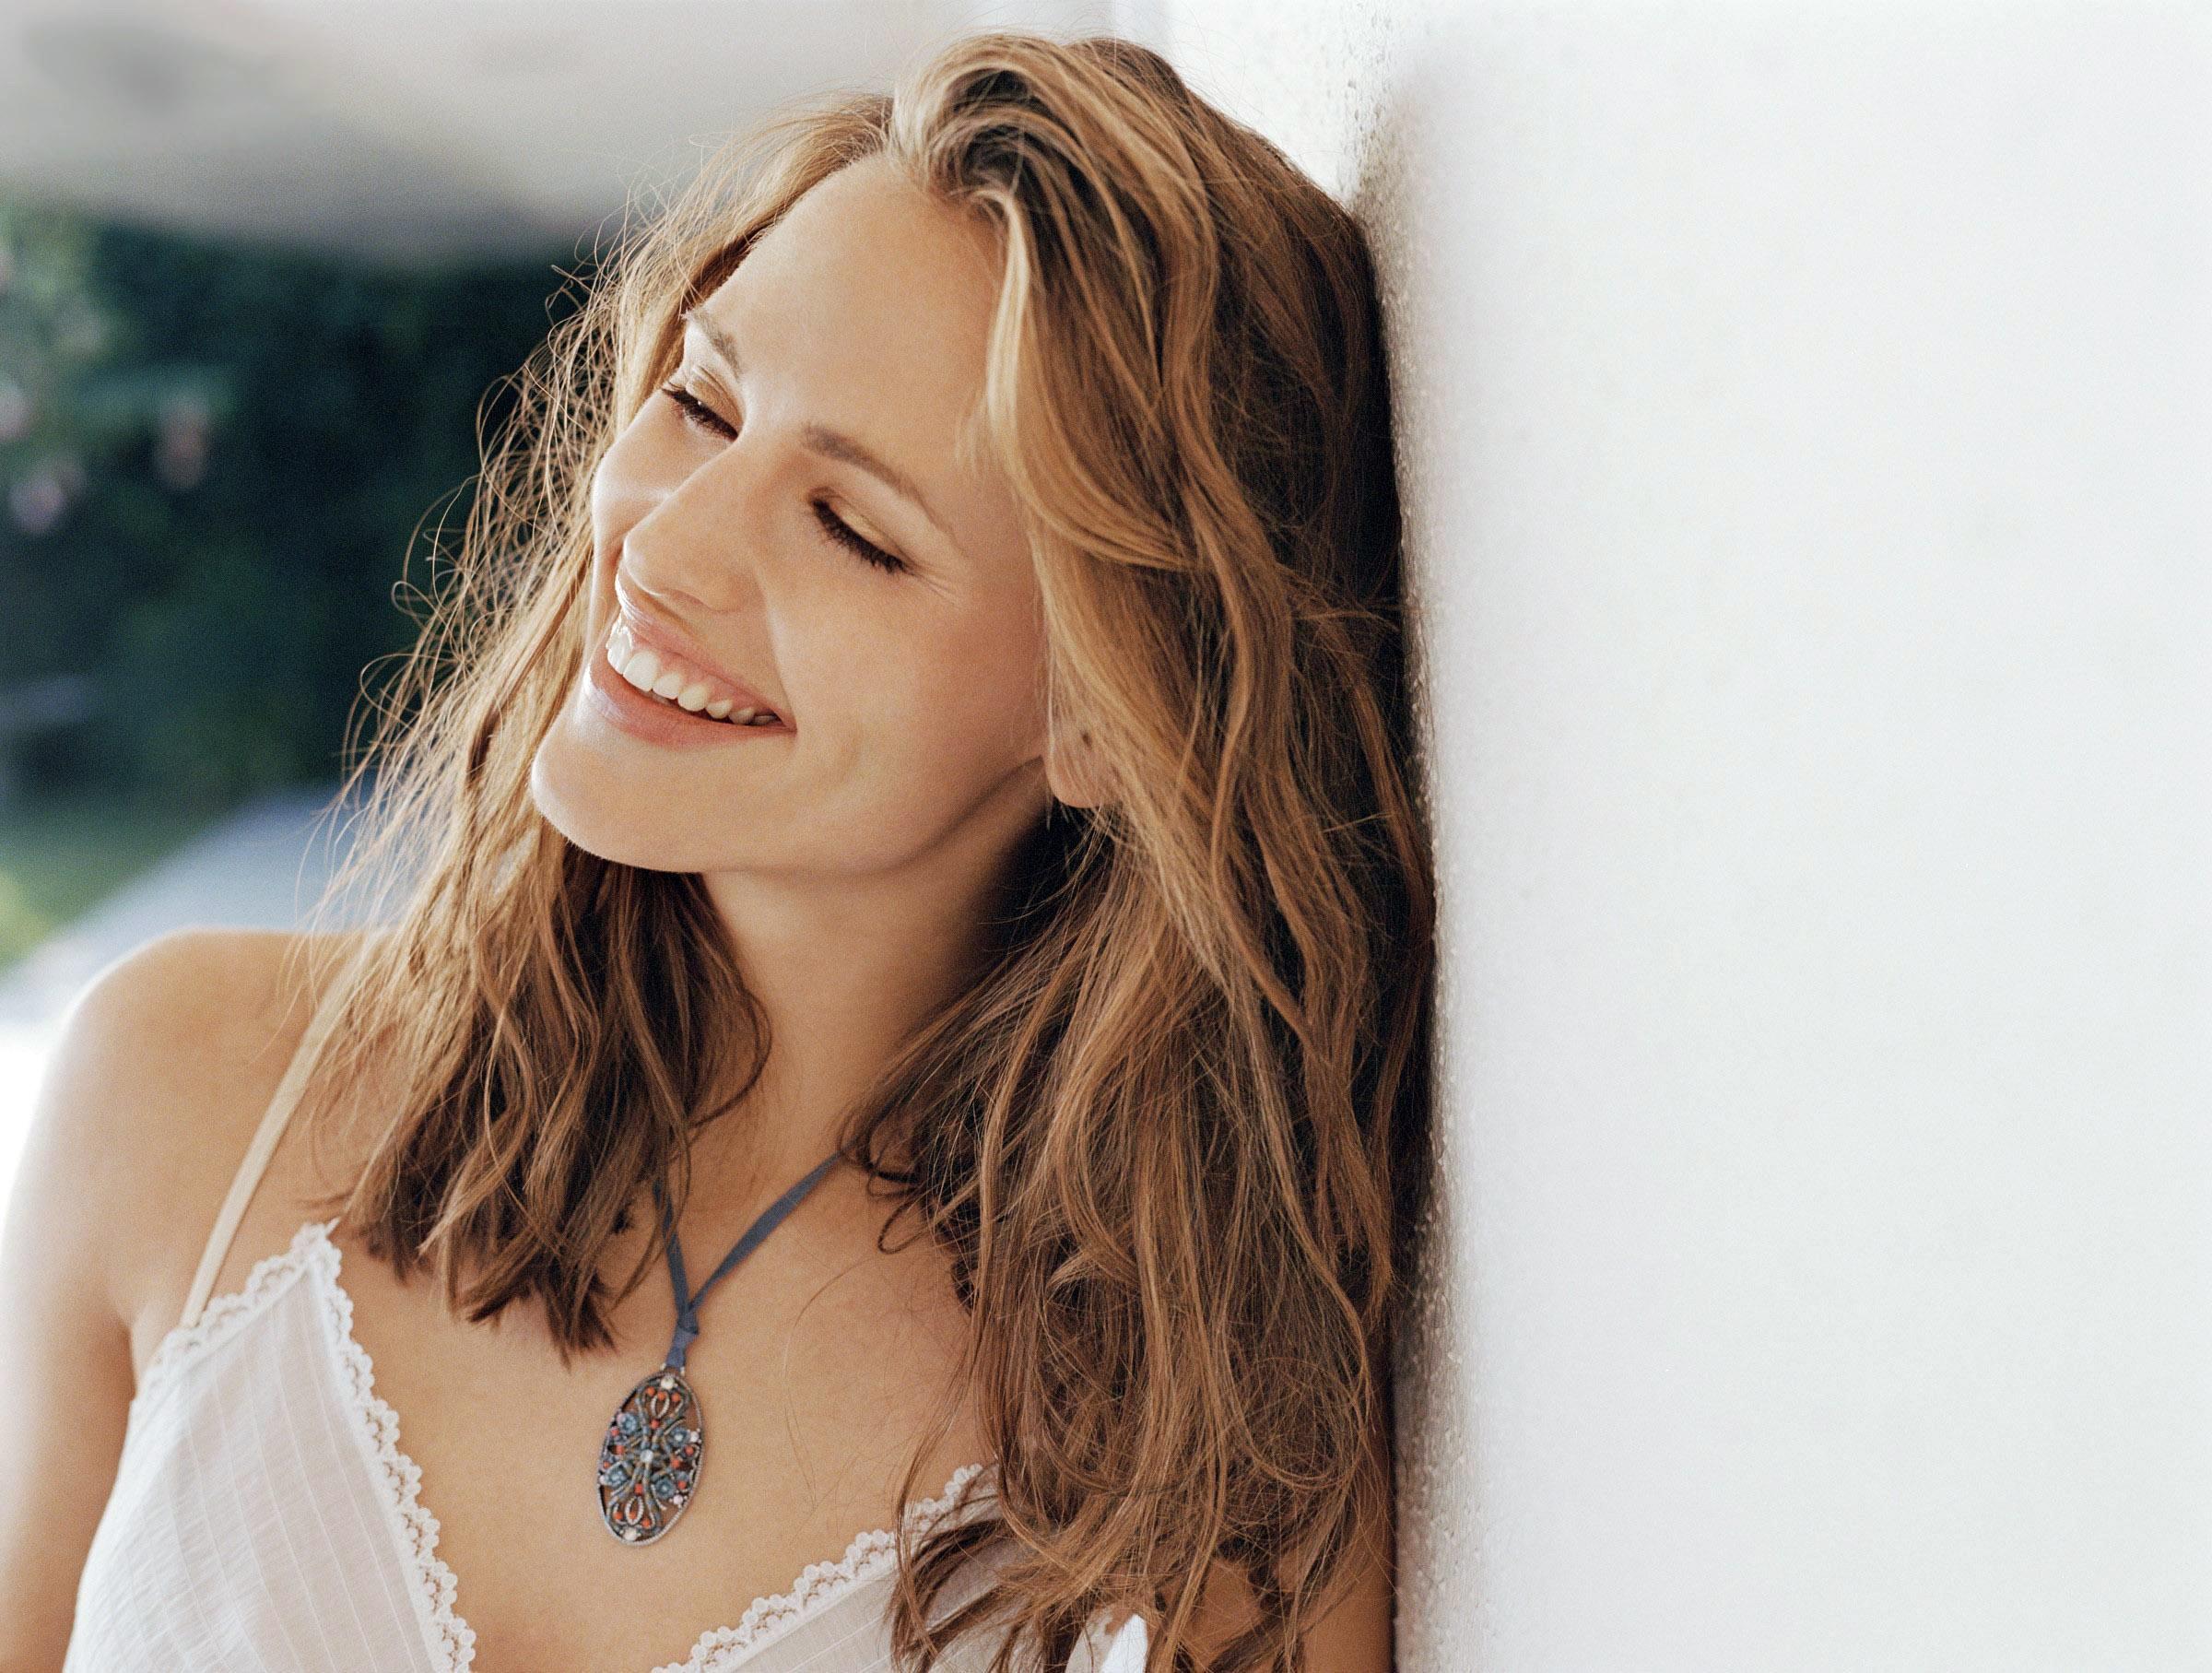 Wallpaper di Jennifer Garner sorridente